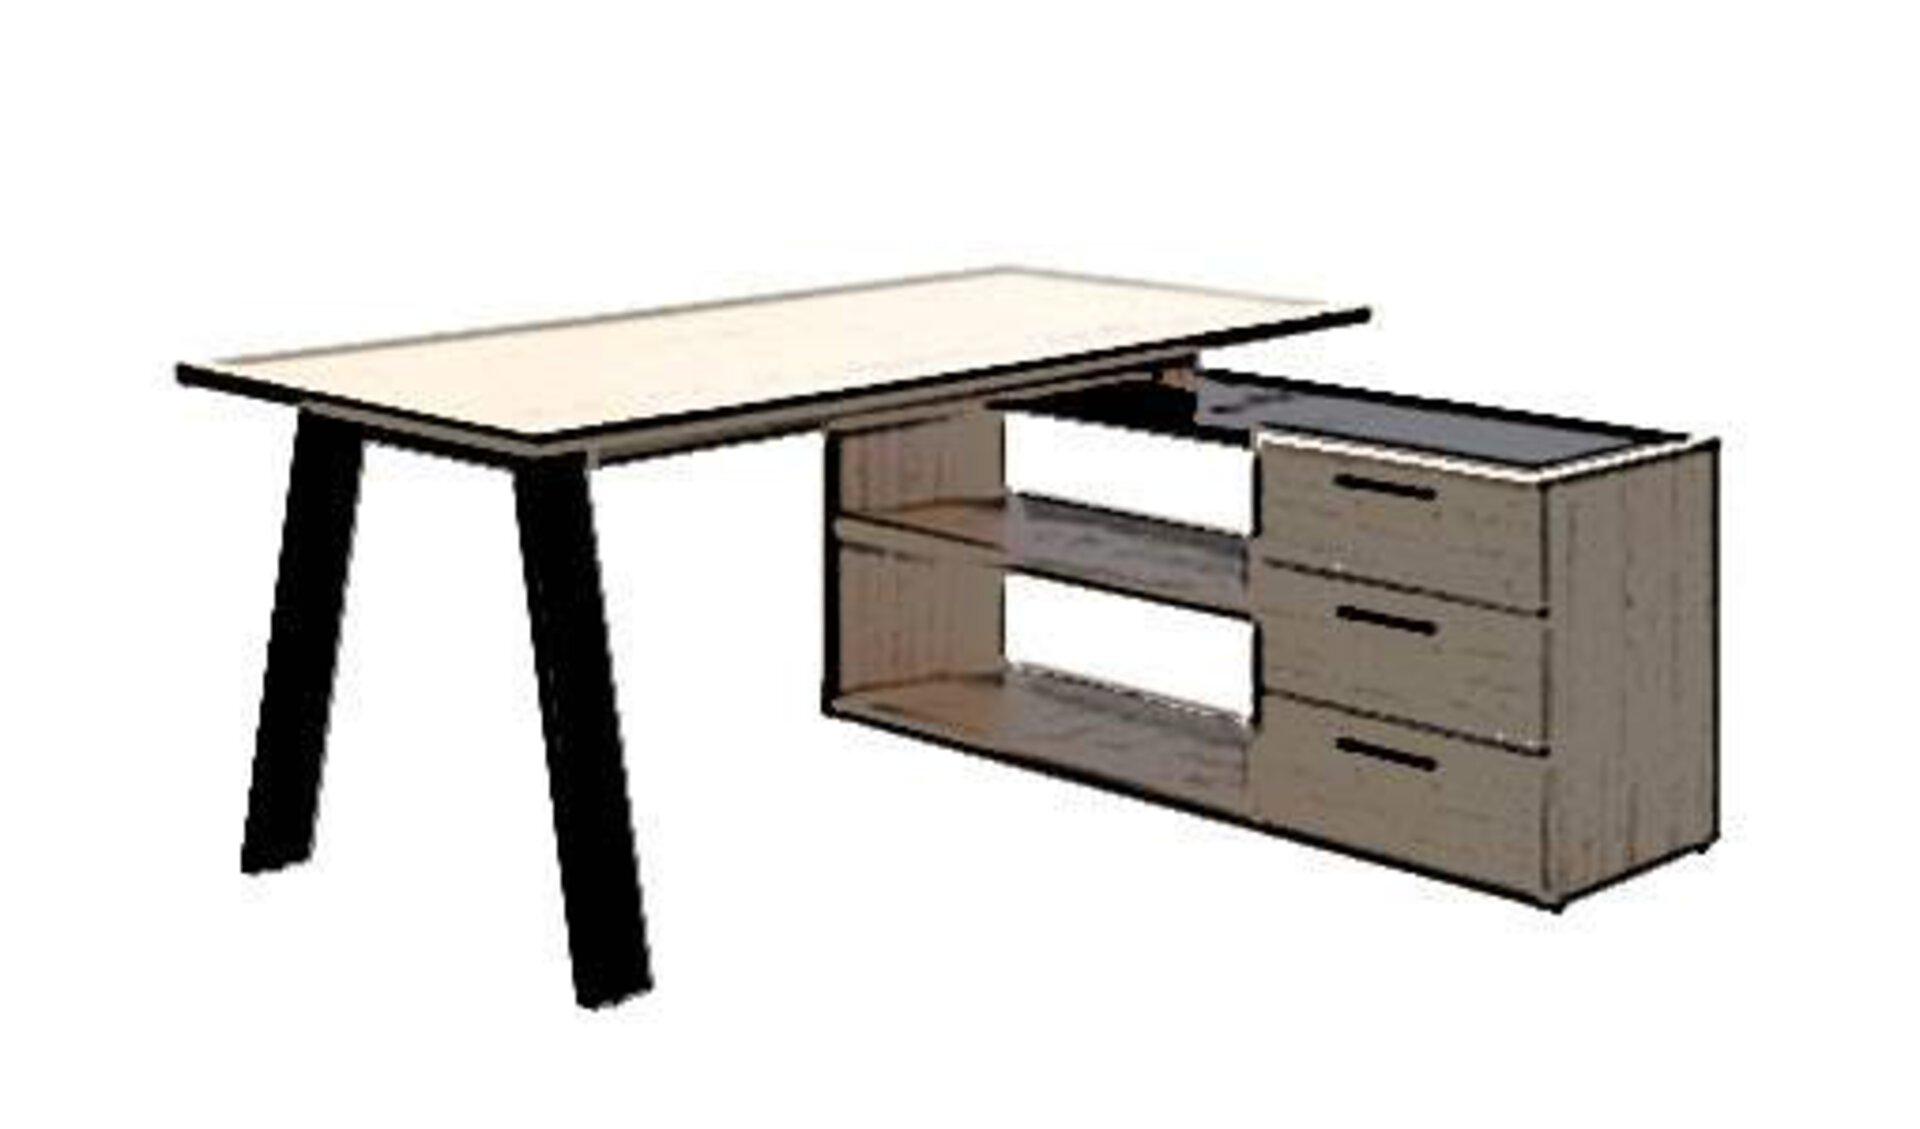 Eckschreibtisch aus Holz mit einer Schreibtischplatte auf der linken Seite und Regalfächer, sowie Schubladen auf der rechten Seite. Der stilisierte Eckschreibtisch steht für alle Bürotische diese Art.